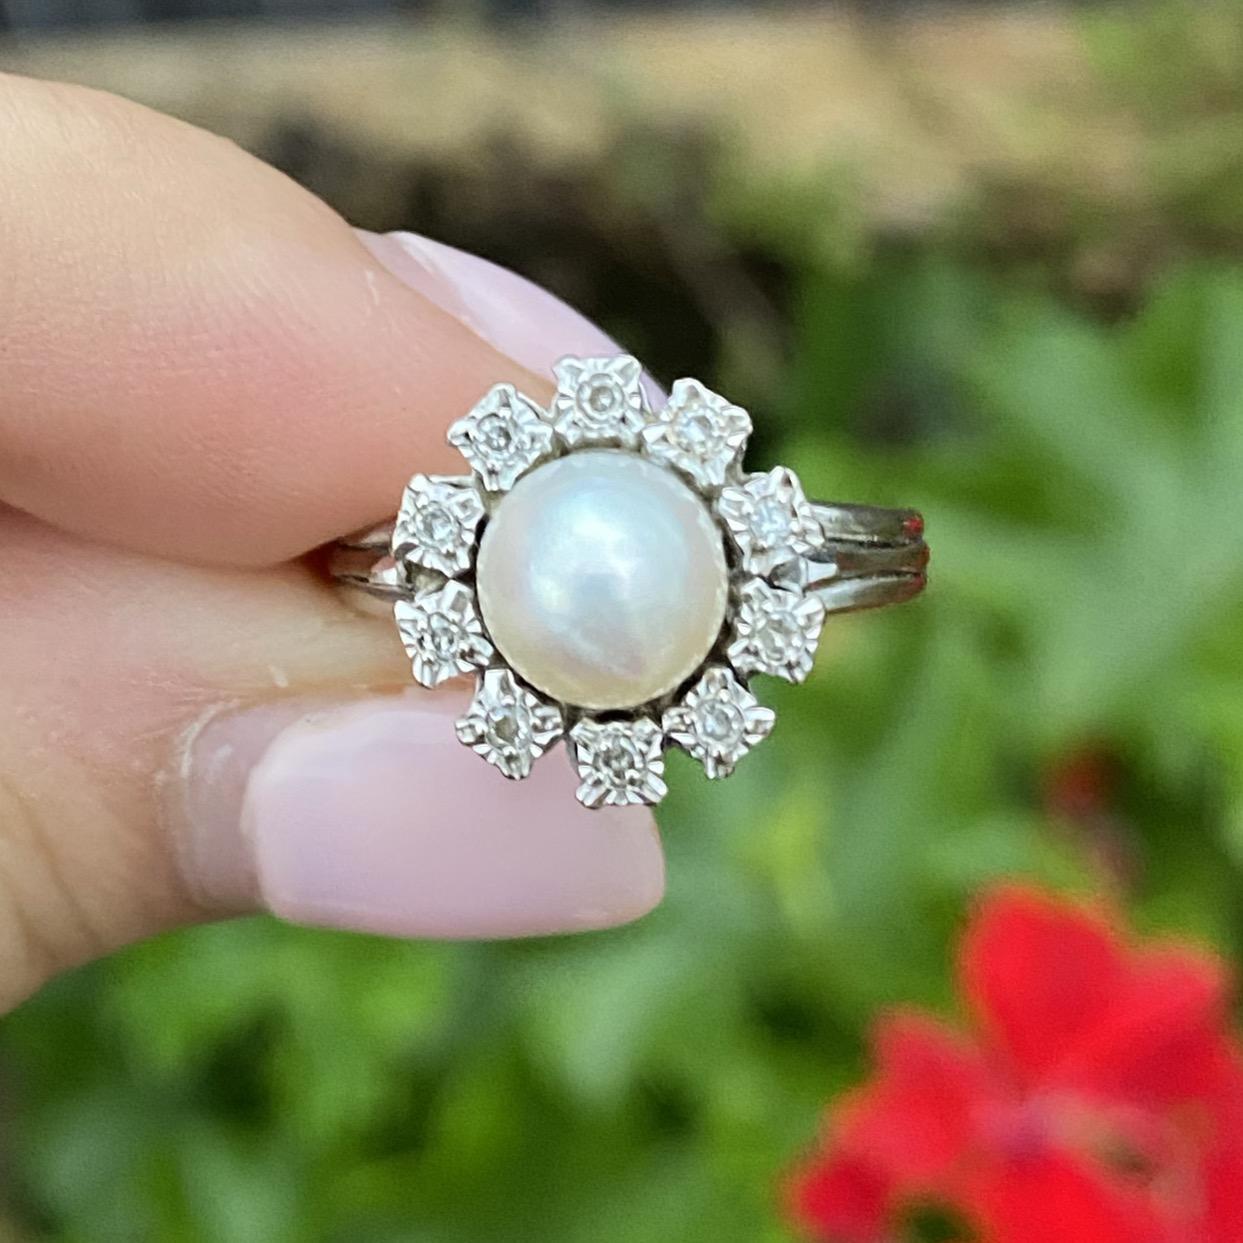 טבעת רטרו זהב לבן 18k עם פנינה ויהלומים .